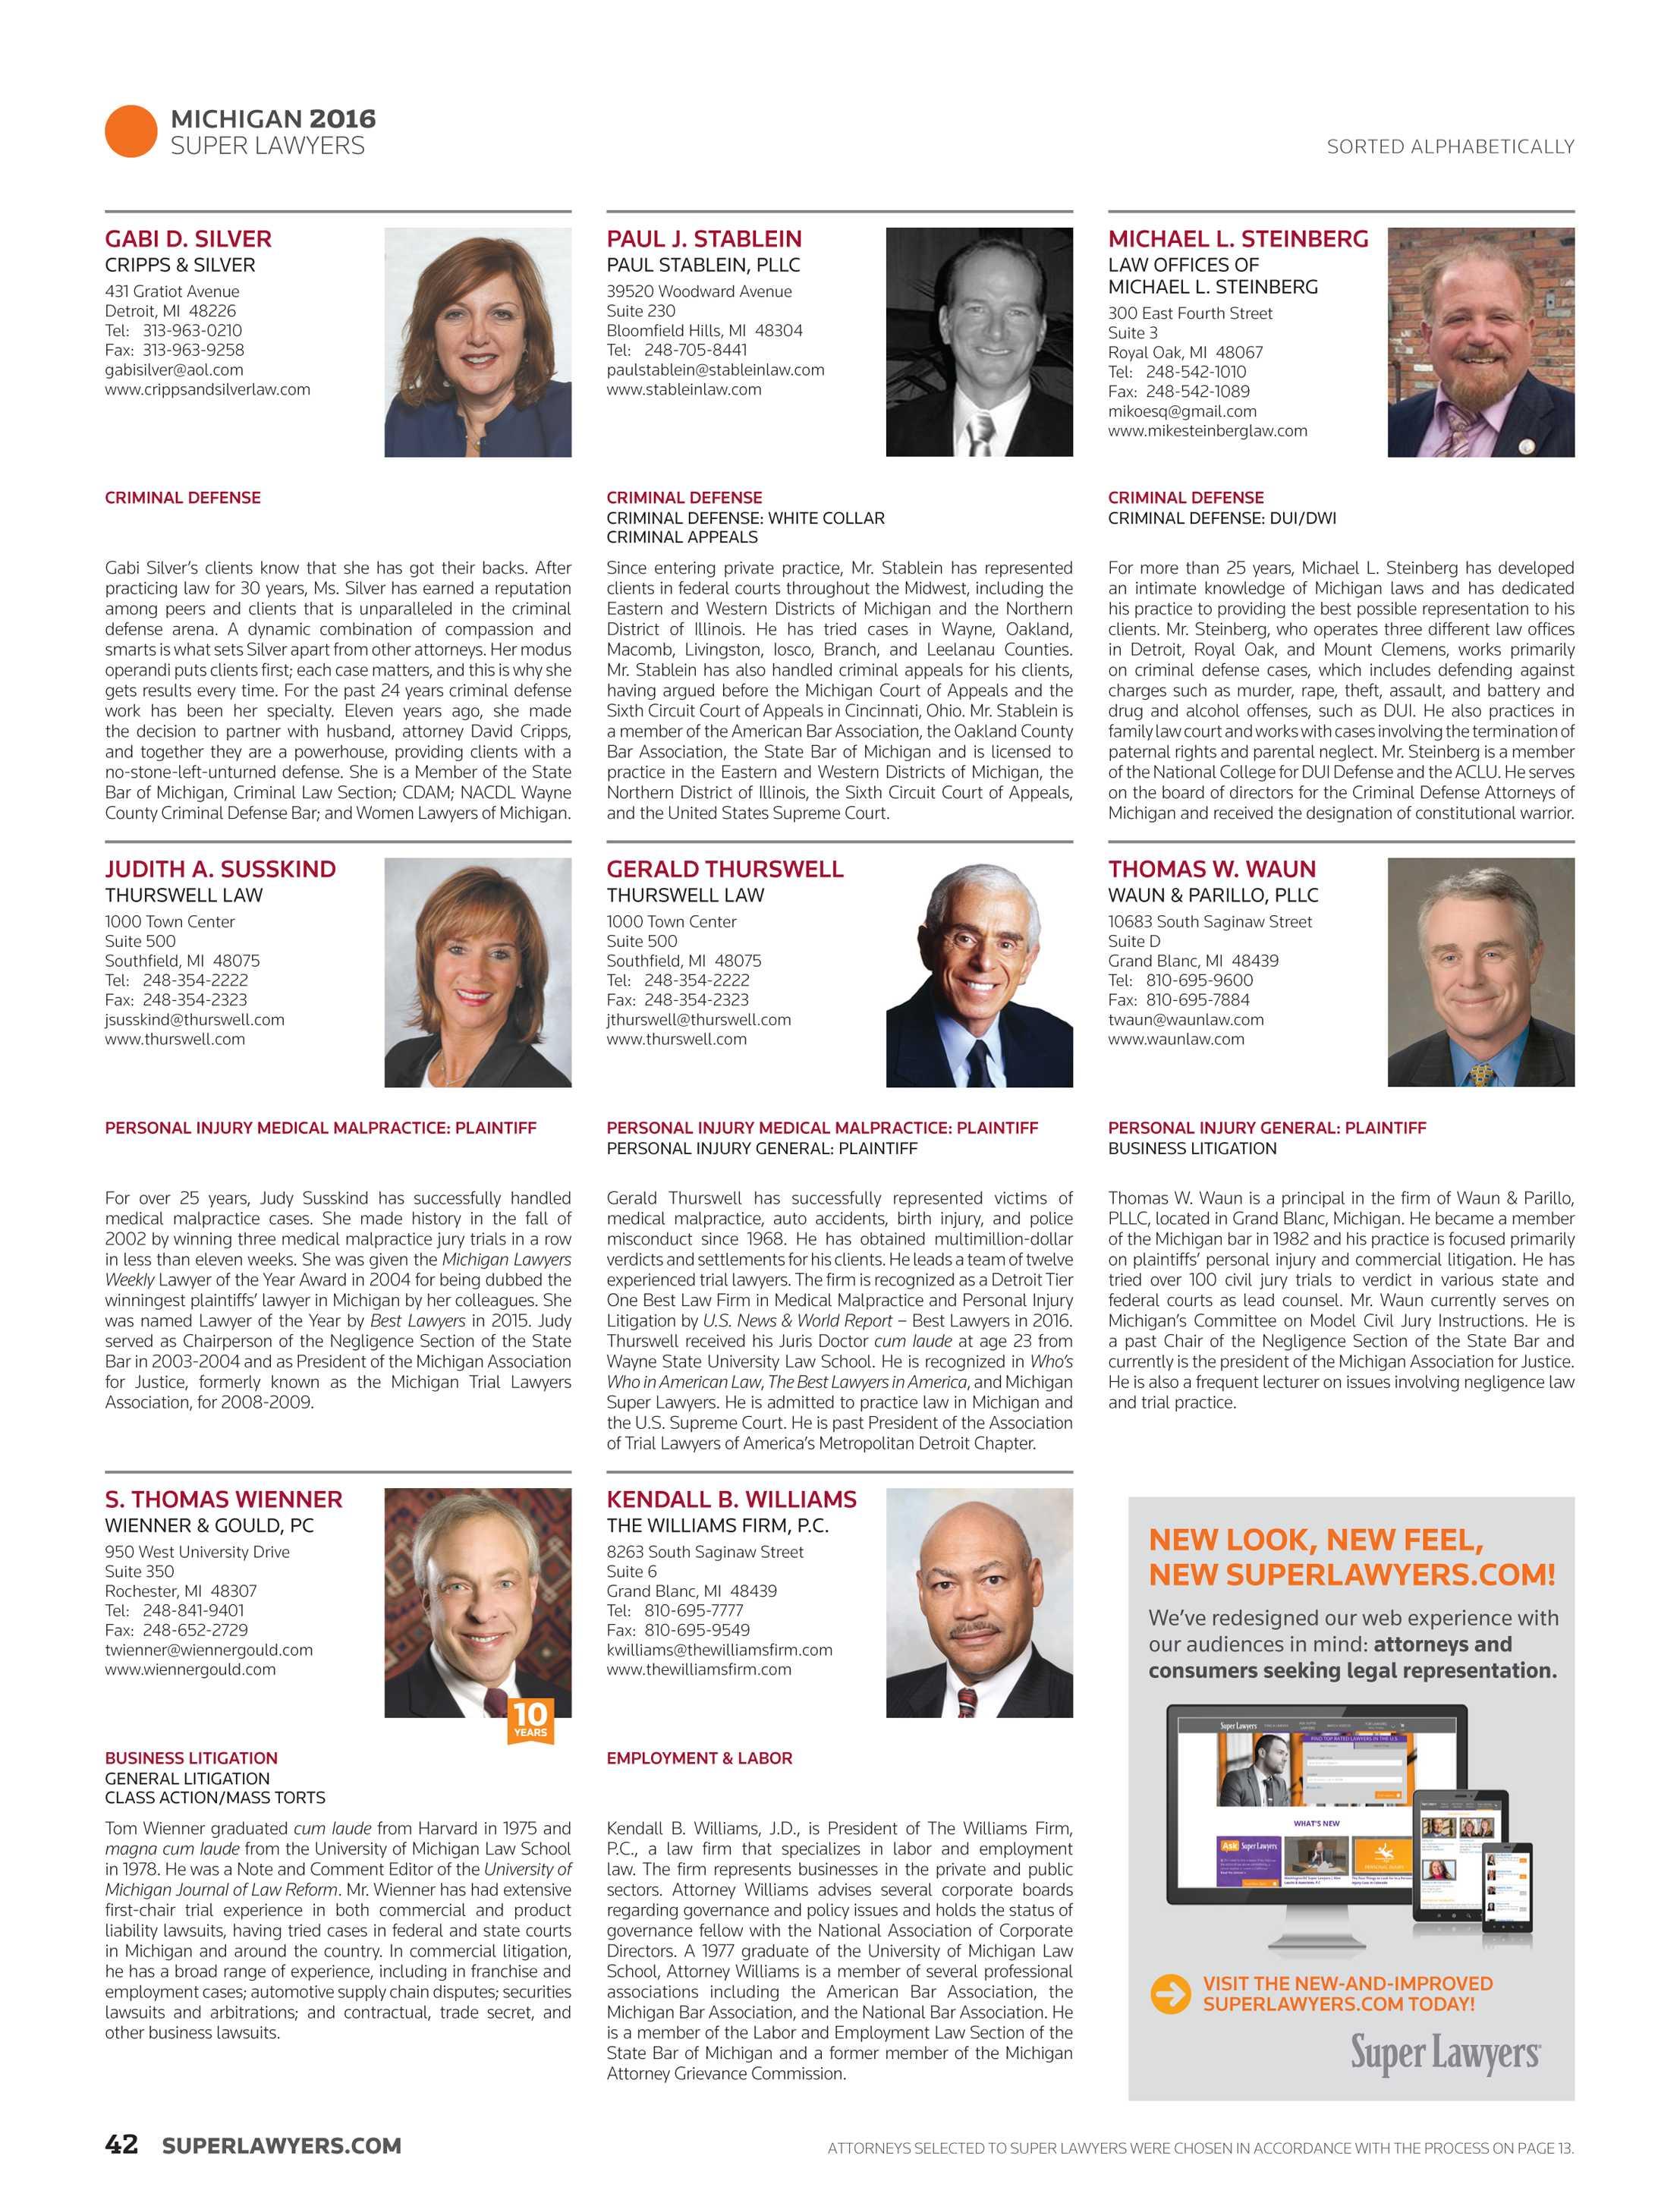 Super Lawyers Michigan 2016 Page 42